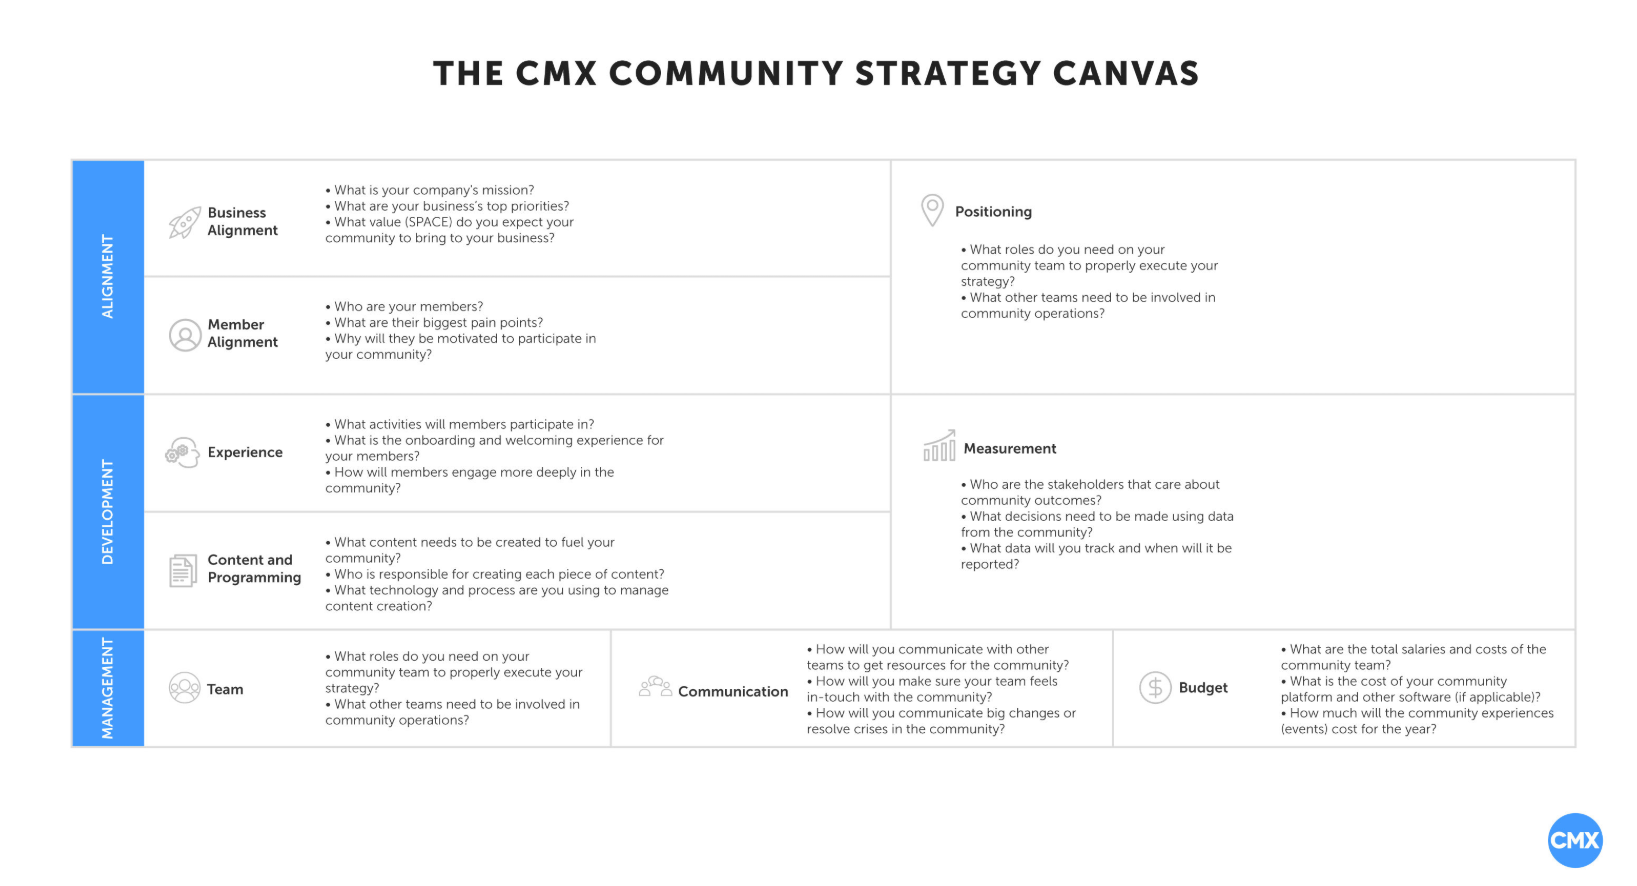 cmx community canva